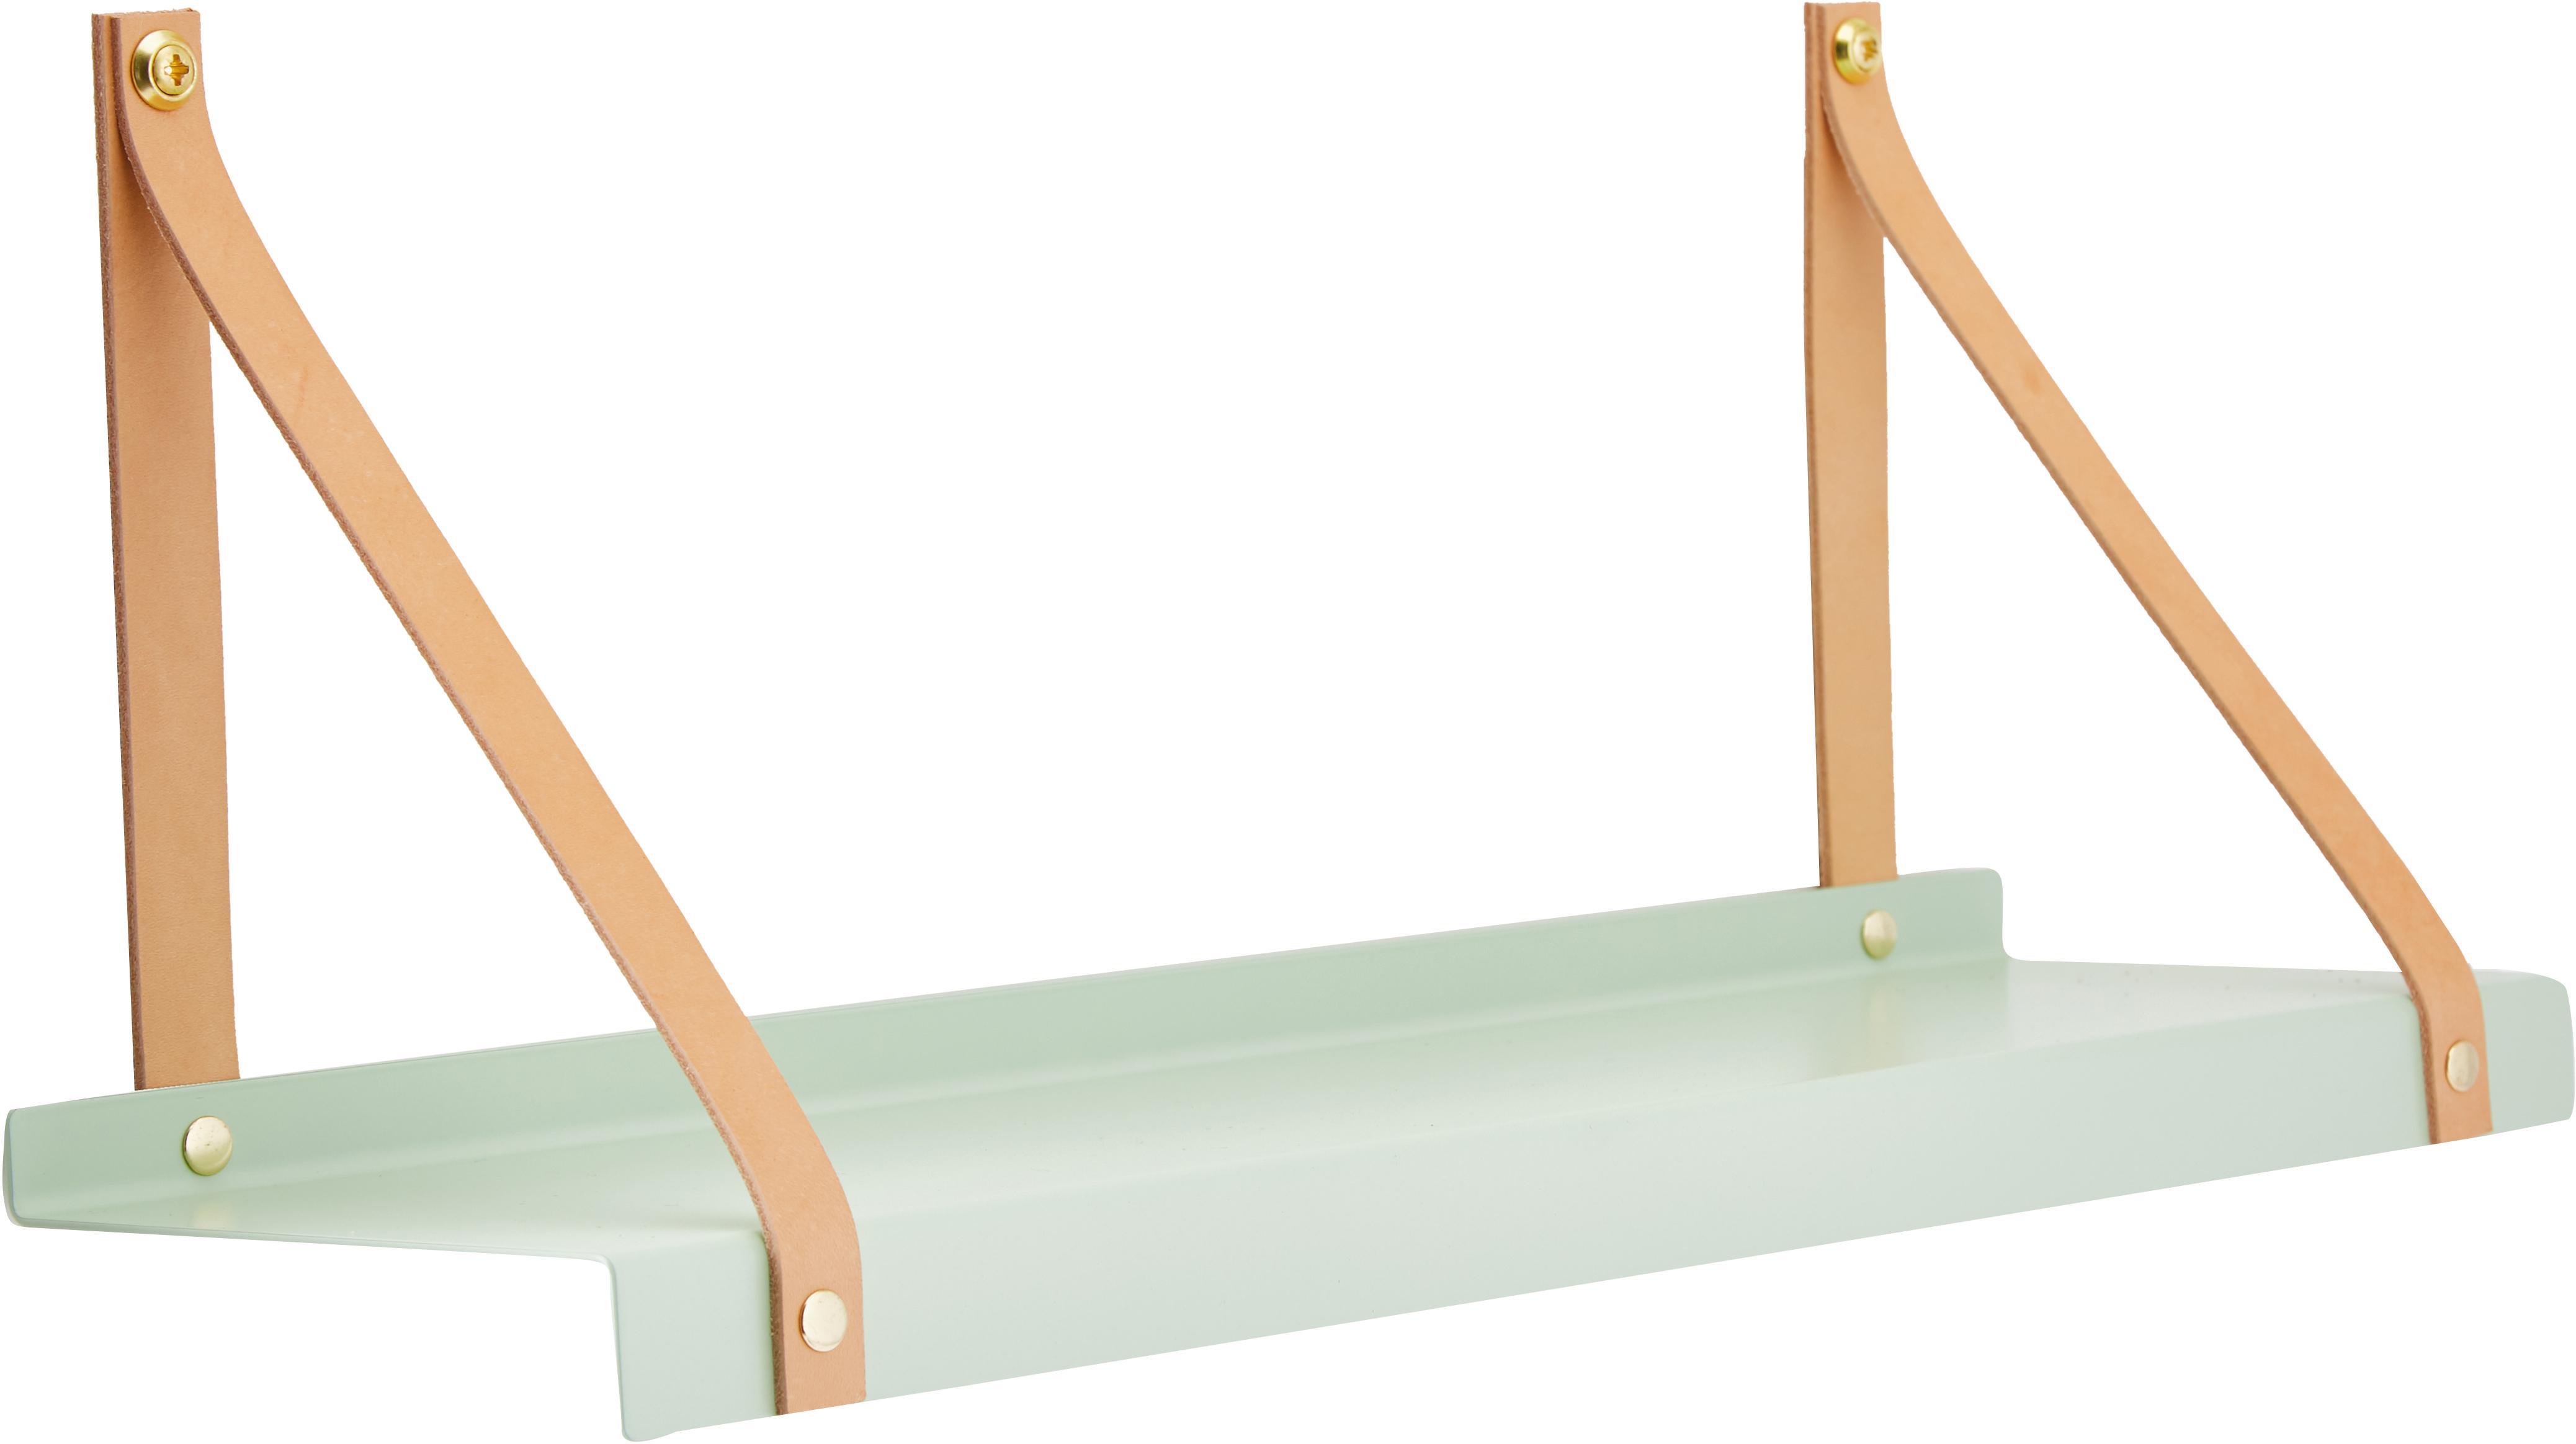 Półka ścienna z metalu ze skórzanymi paskami Shelfie, Miętowy, brązowy, S 50 x W 23 cm